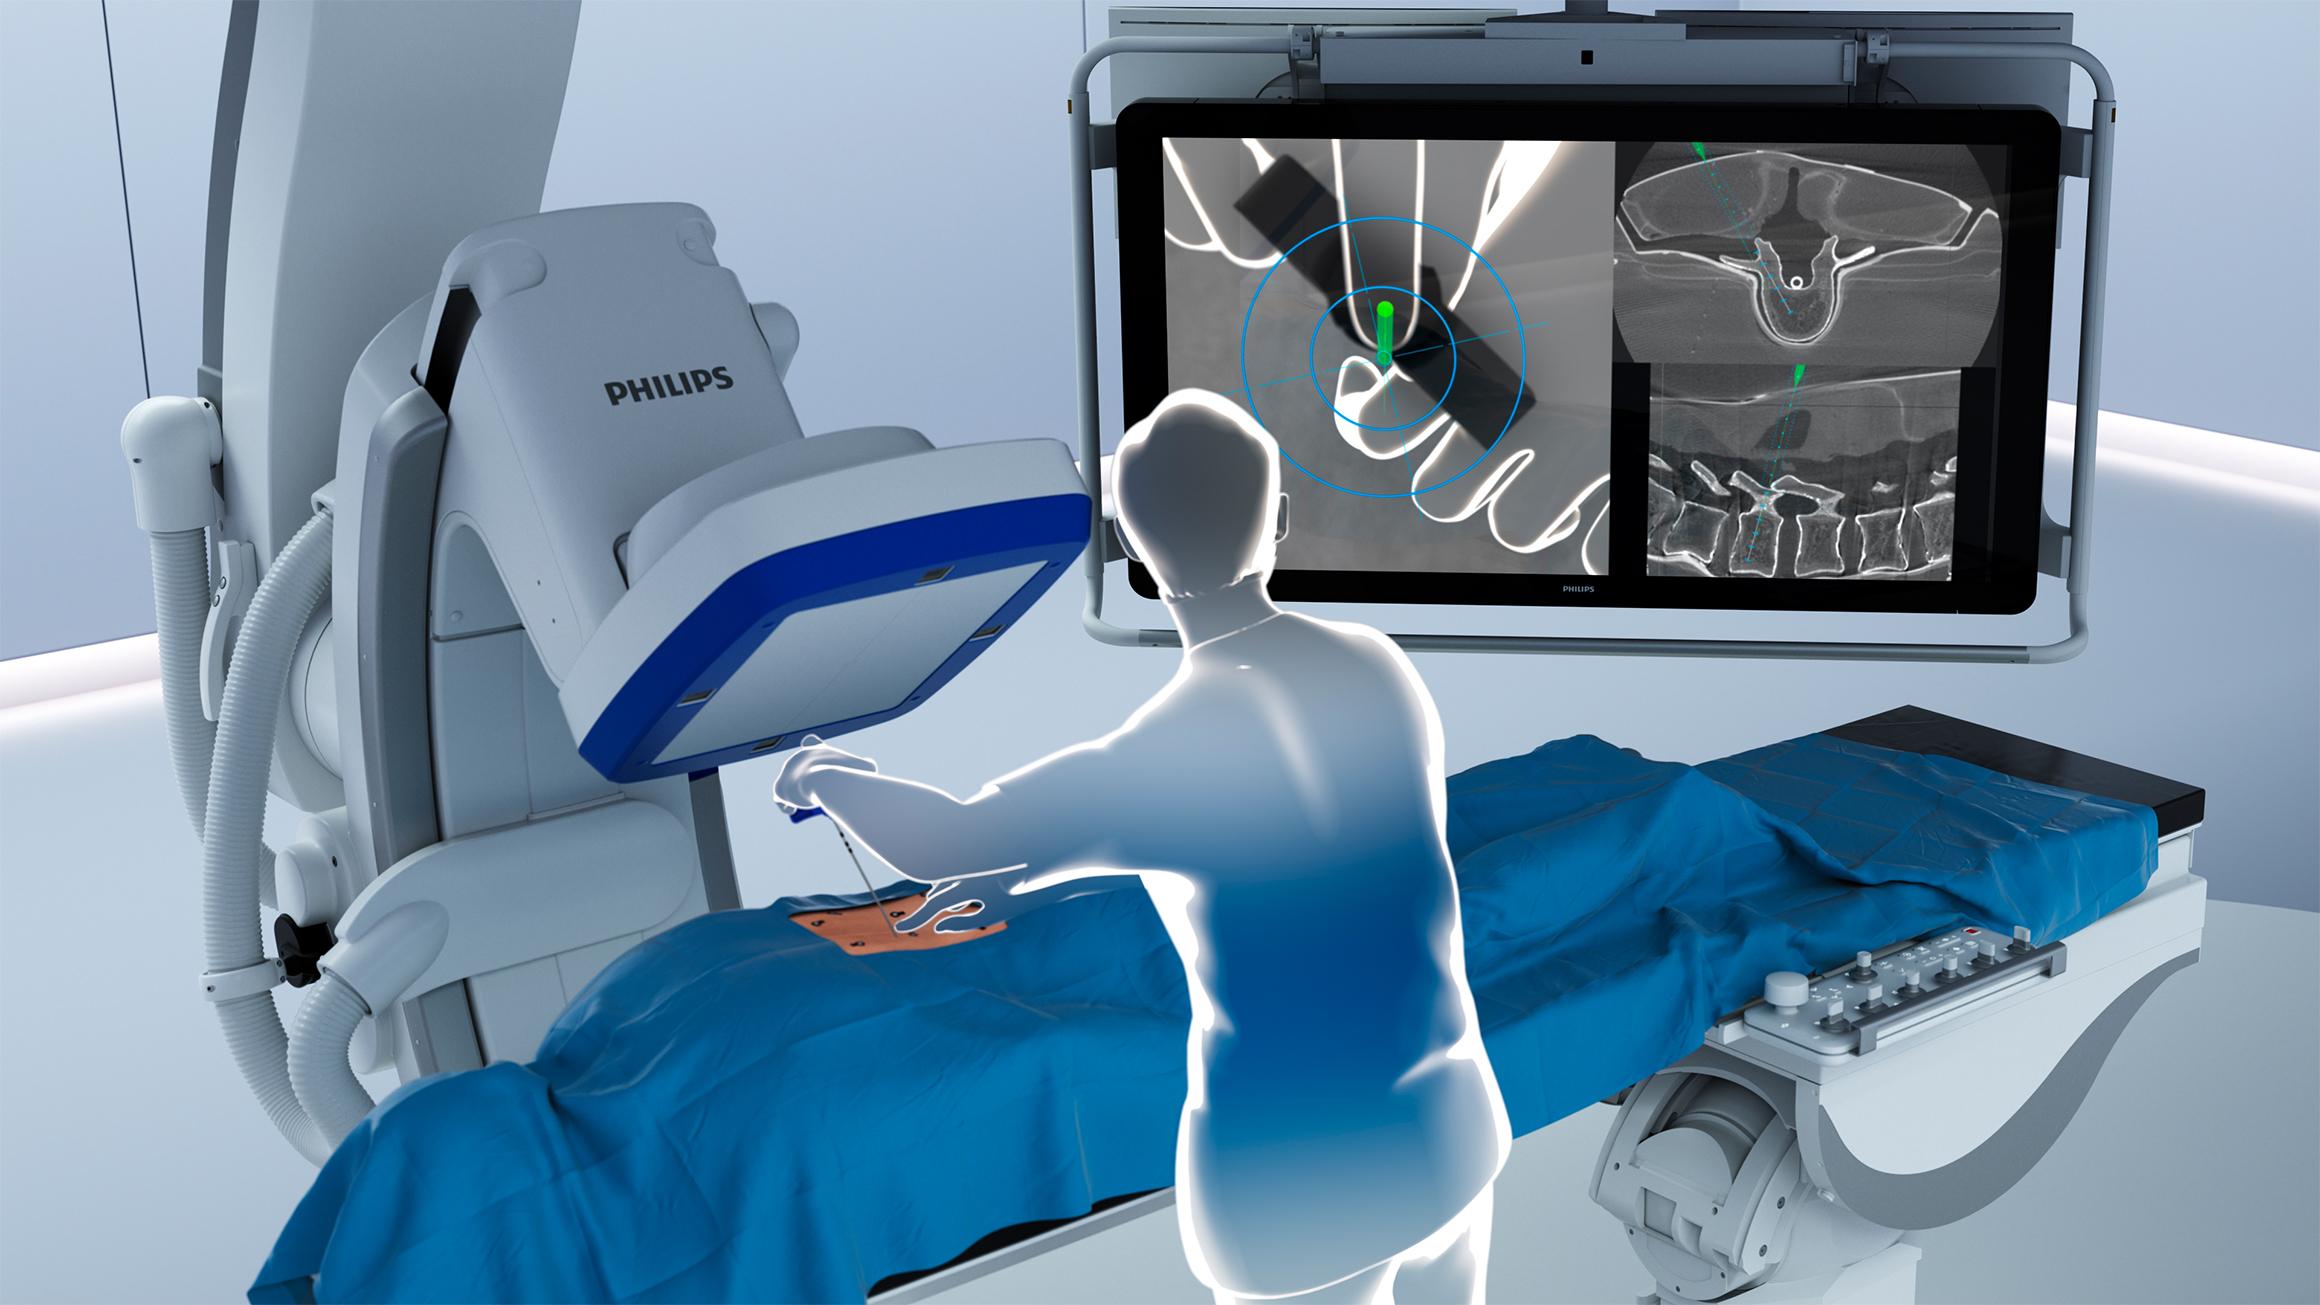 術中3Dナビゲーションシステム市場